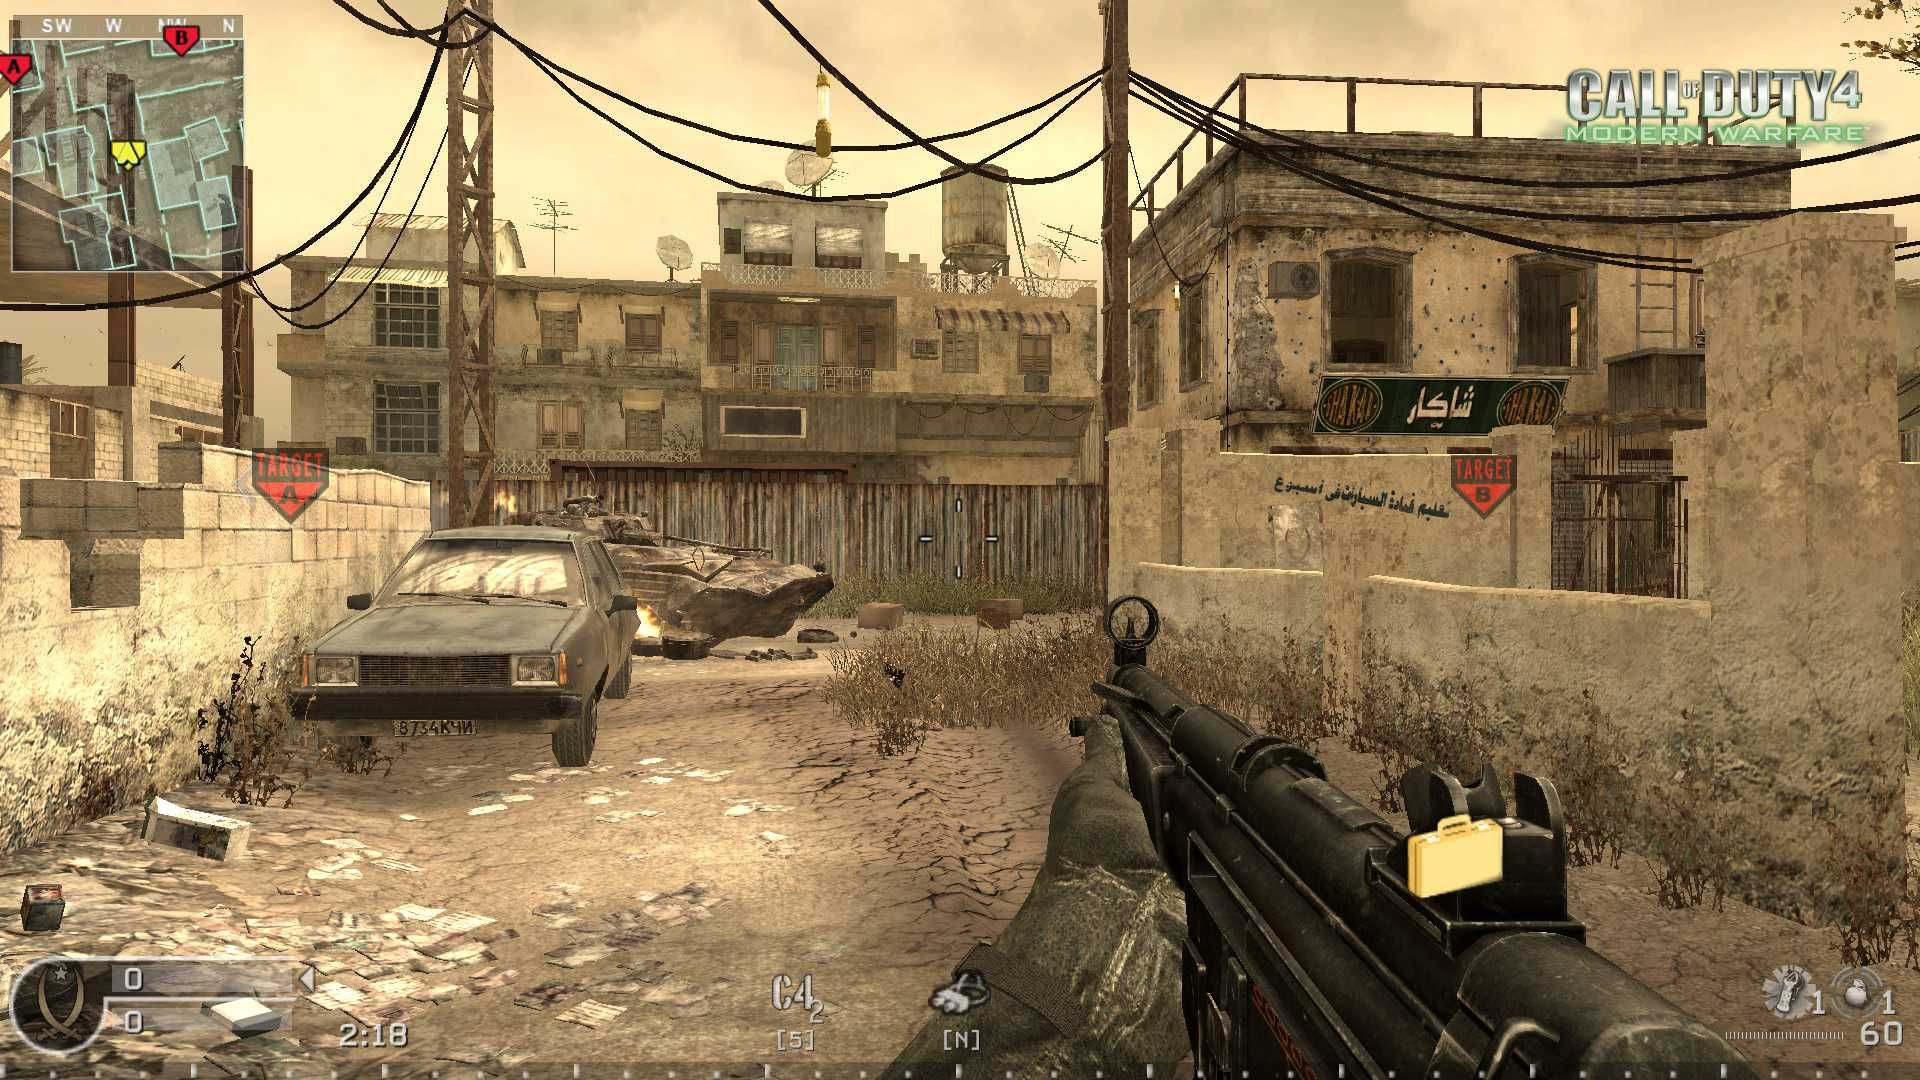 Call of Duty 4 SD Server Ayarları